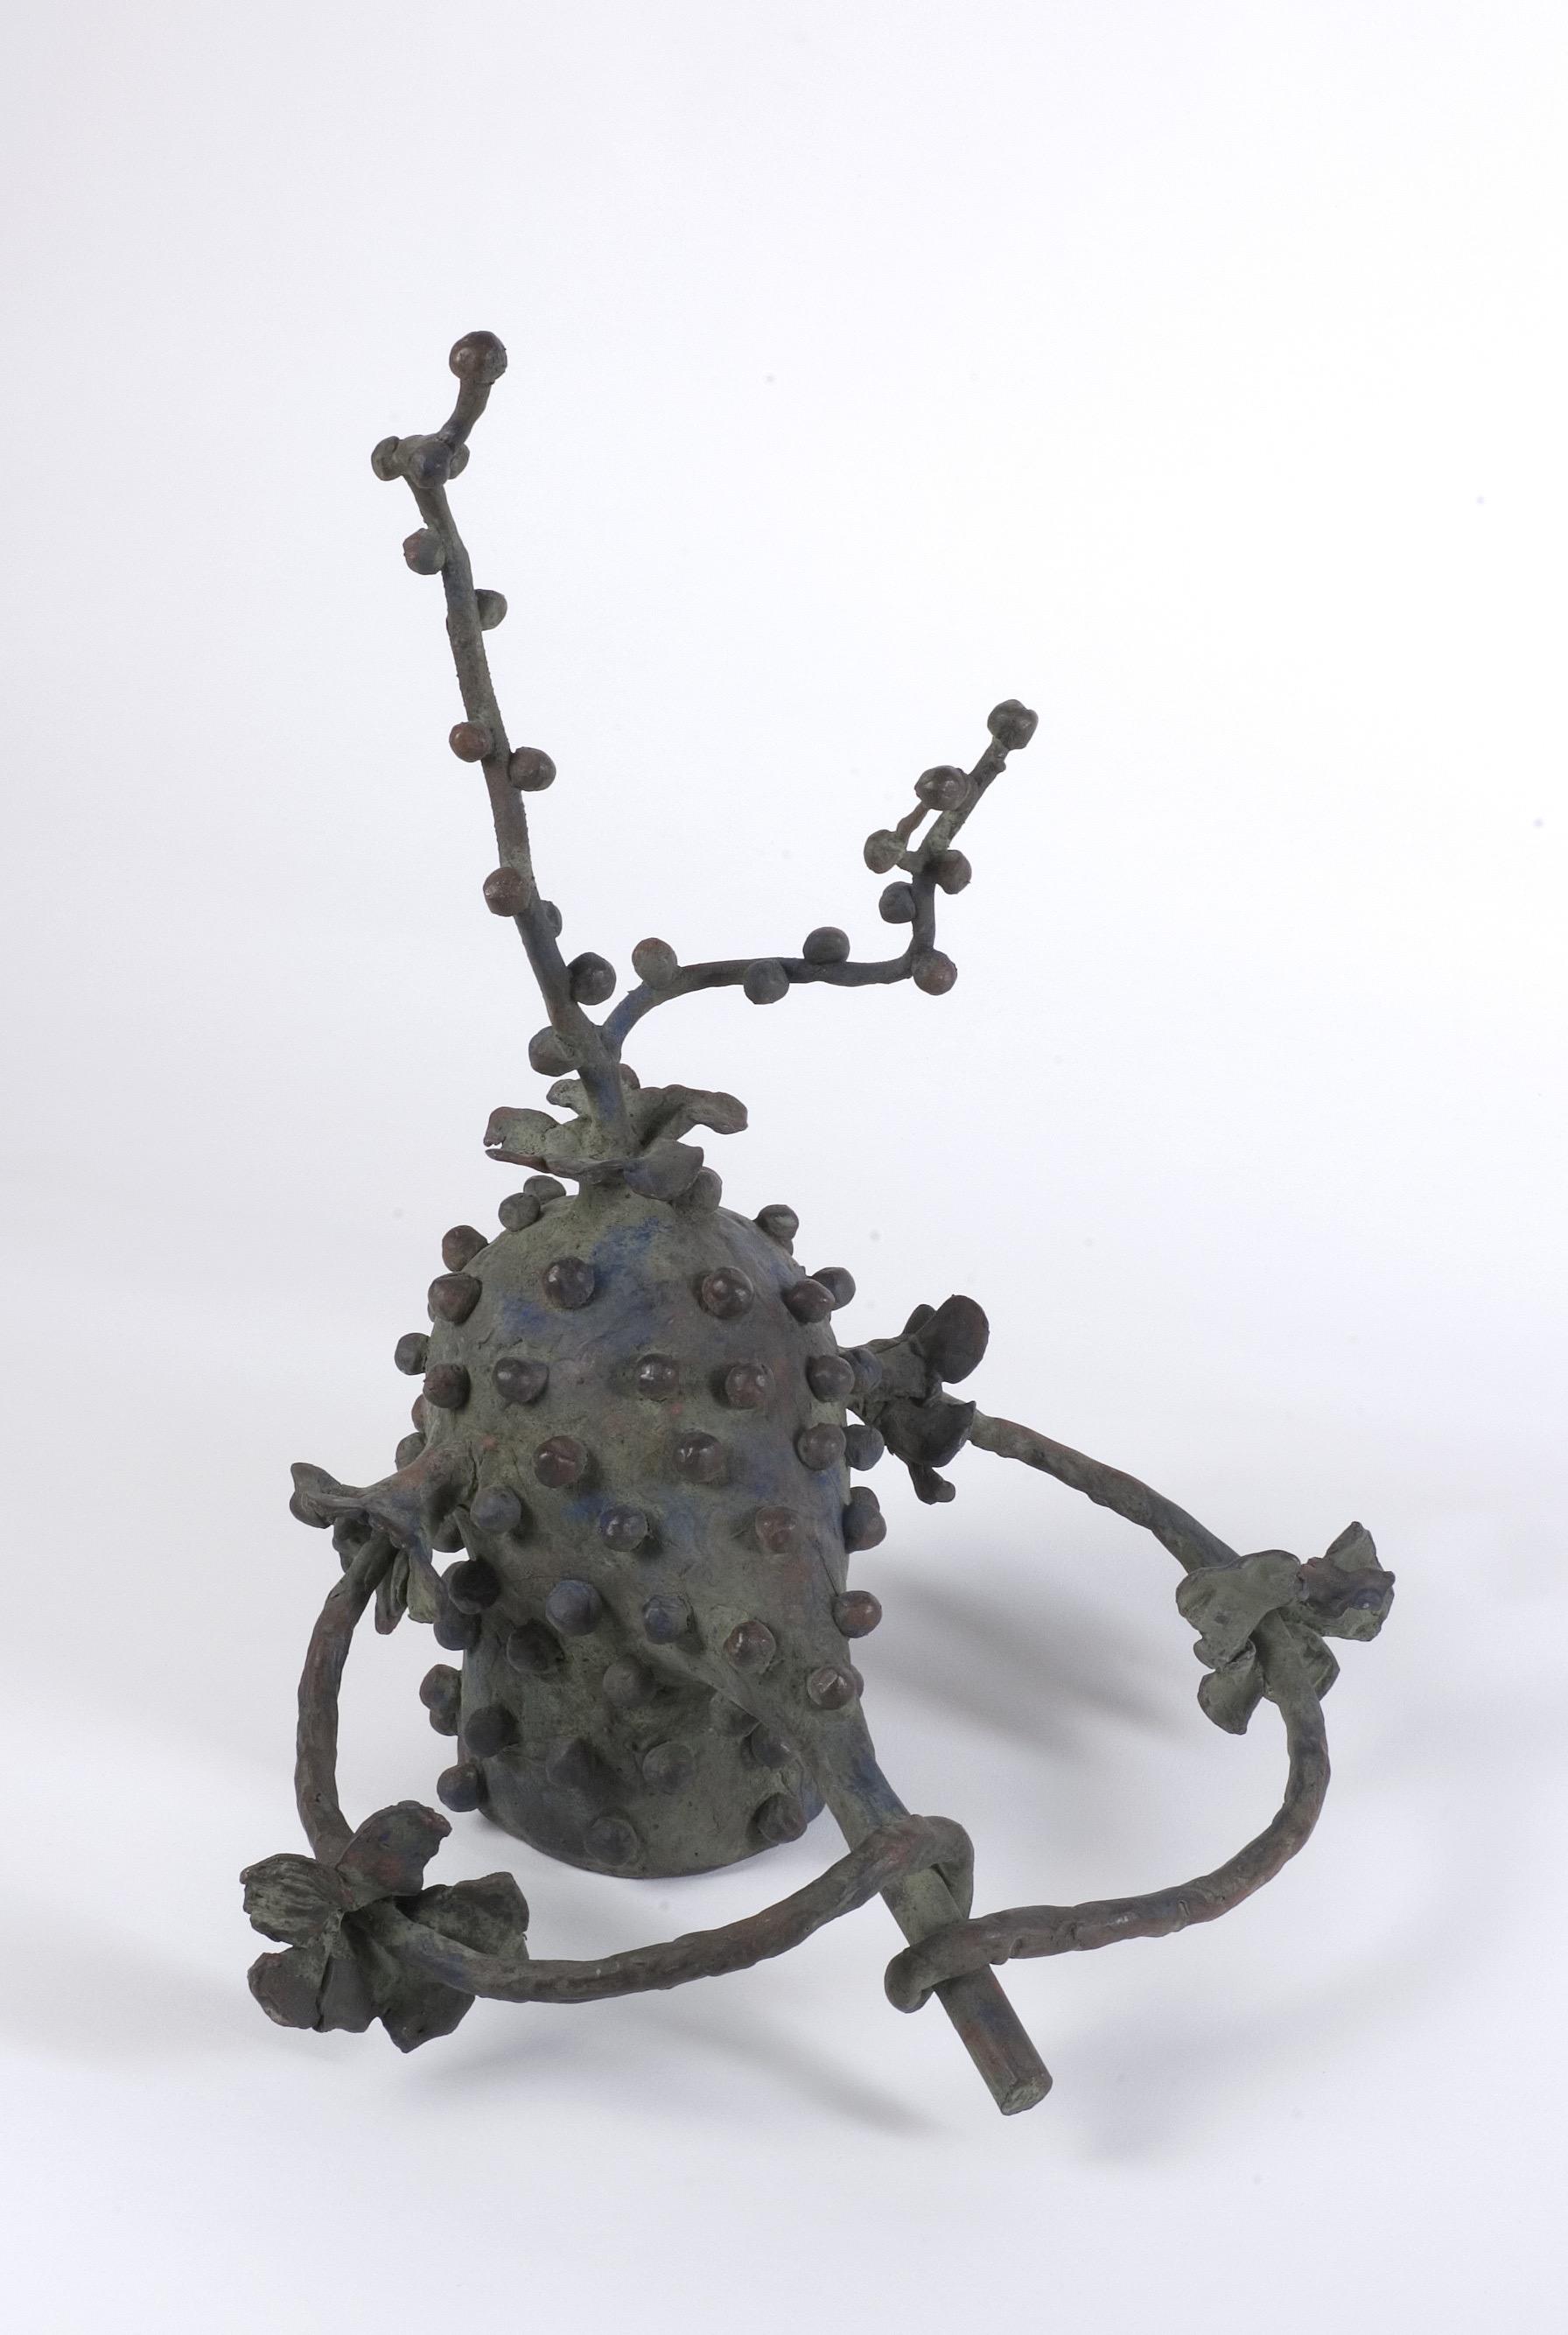 maquette for 'Satyr', bronze (unique cast), 47 X 38 X 30 cm, 2007